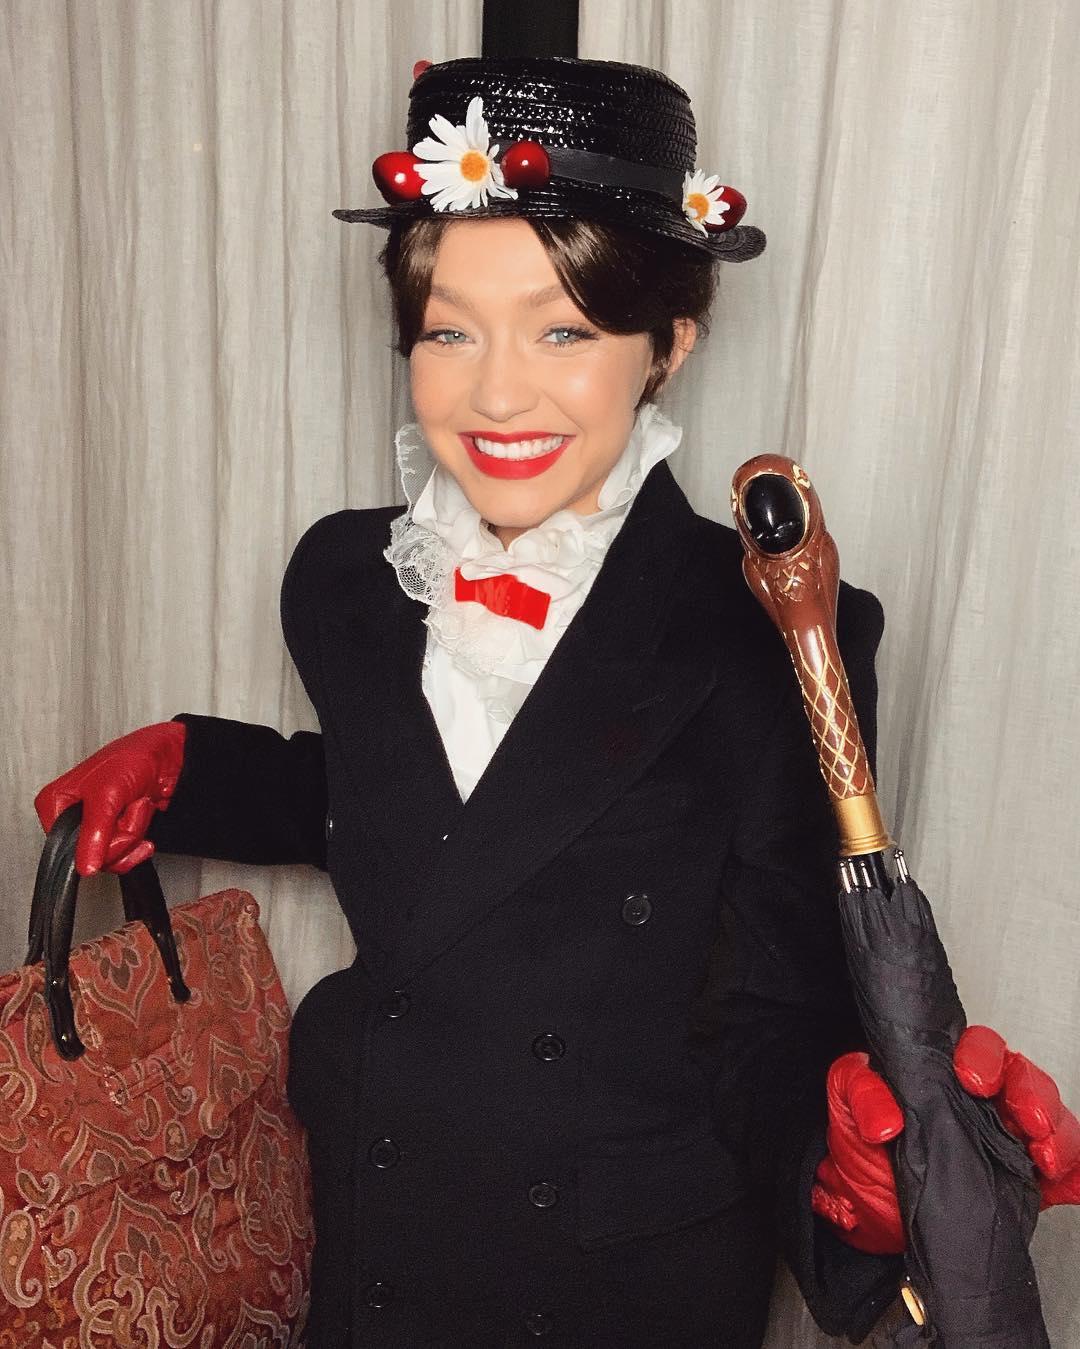 Тейлор Свифт устроила костюмированную вечеринку для своих звездных друзей-Фото 5